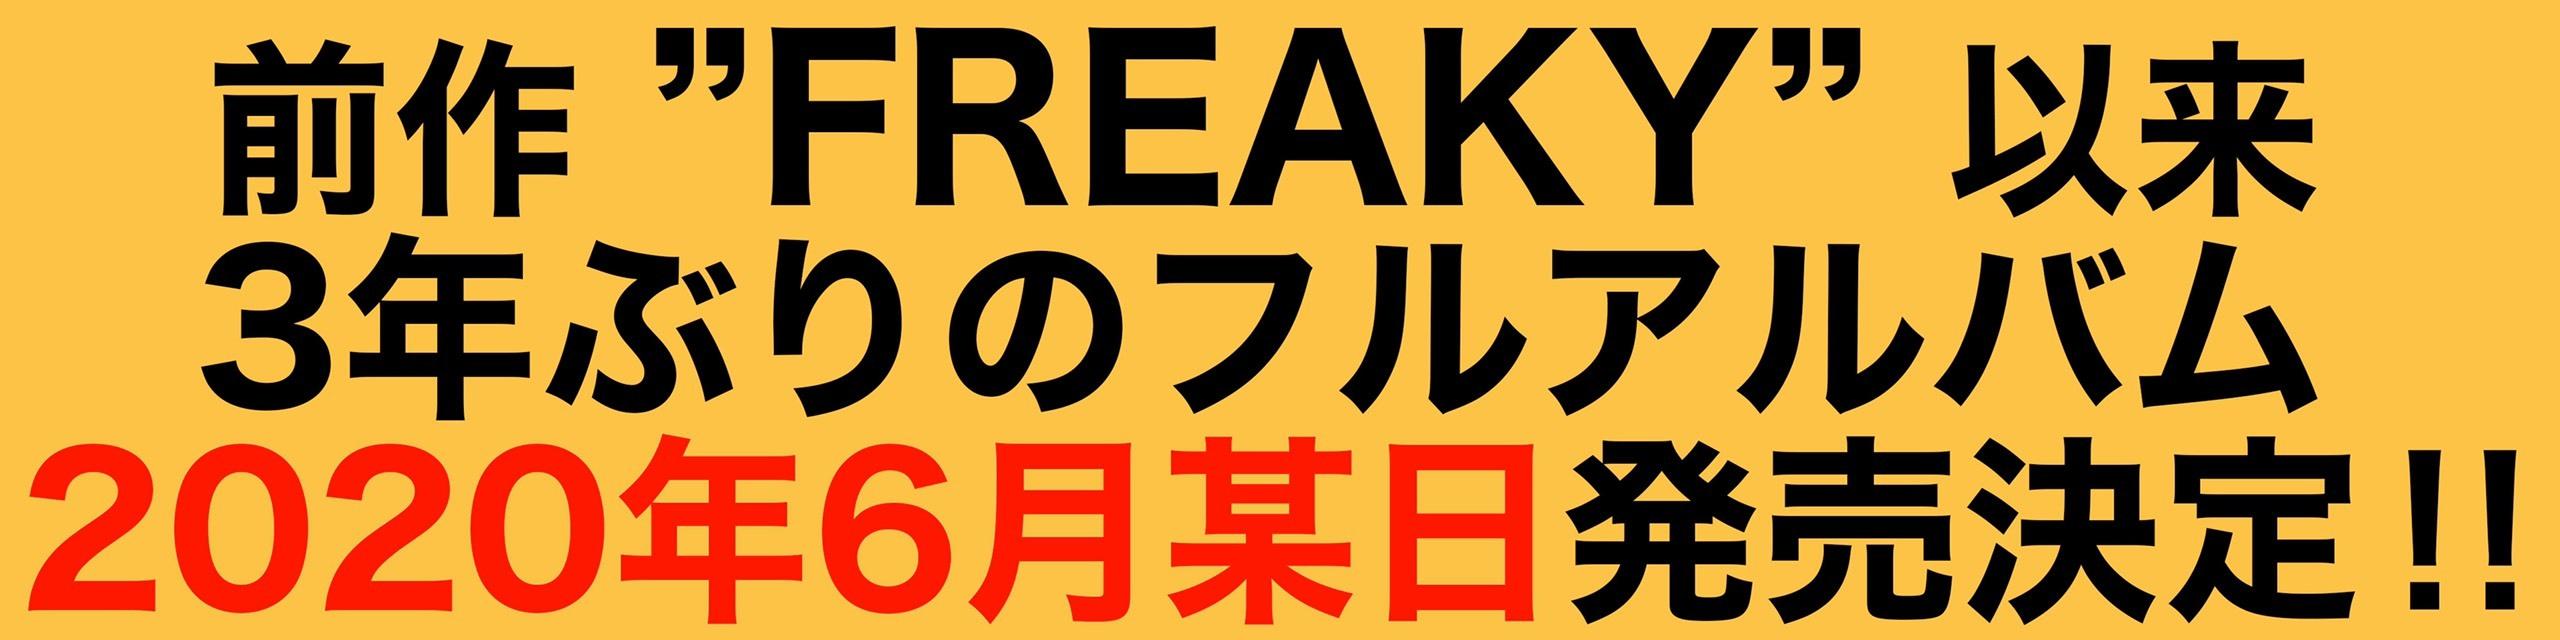 """前作""""FREAKY""""以来、じつに3年ぶりとなるフルアルバムを2020年6月某日に発売決定!!"""